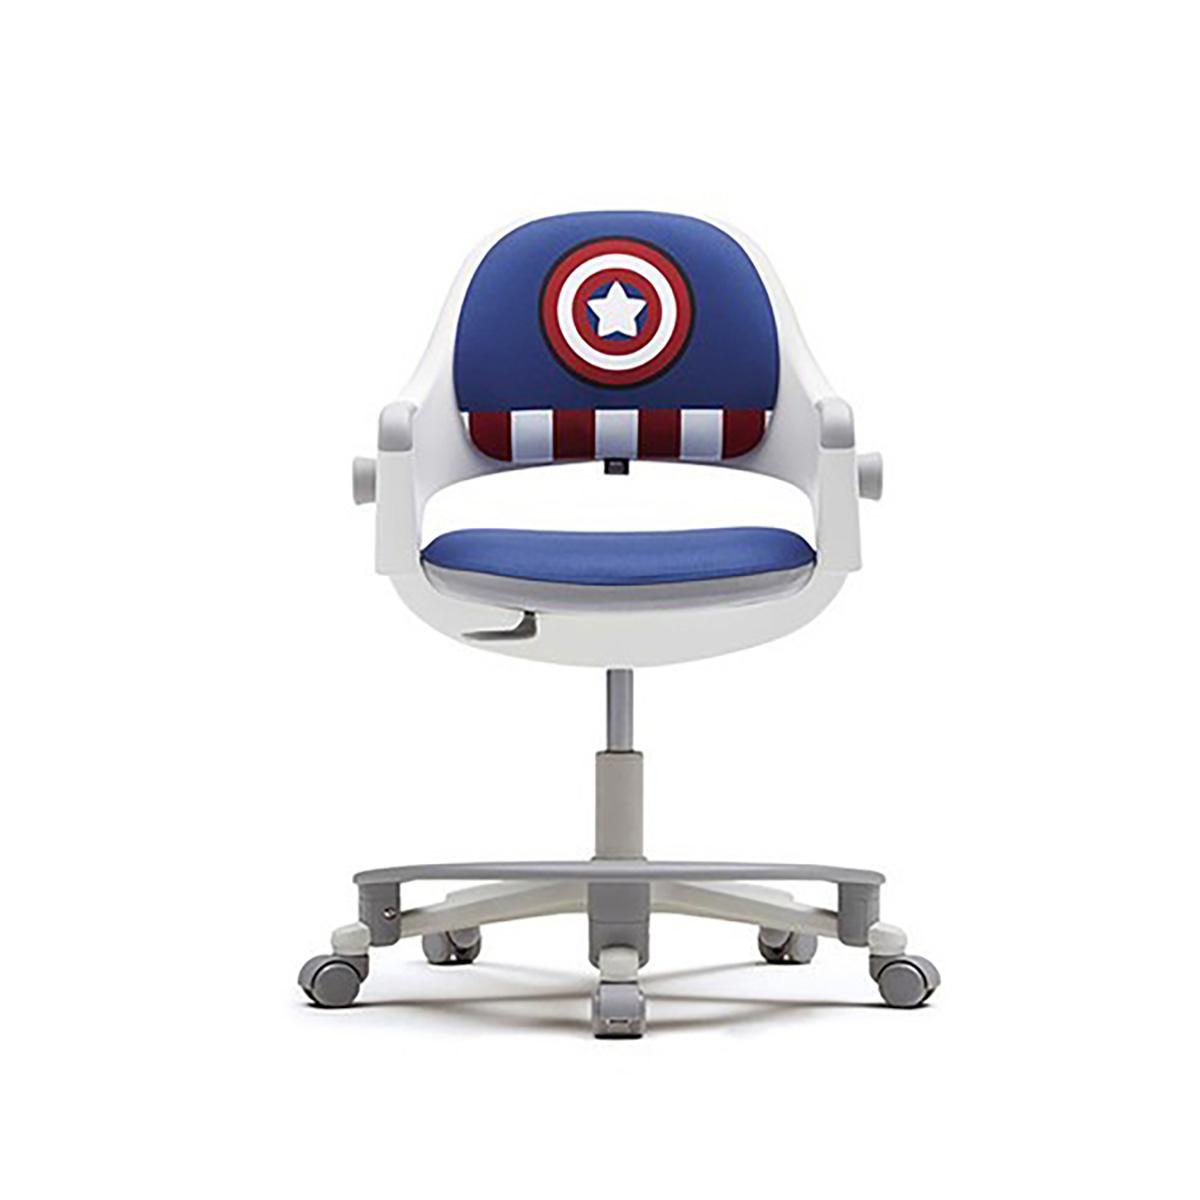 시디즈 마블 링고 학생 의자 + 발받침 포함, 스파이더맨